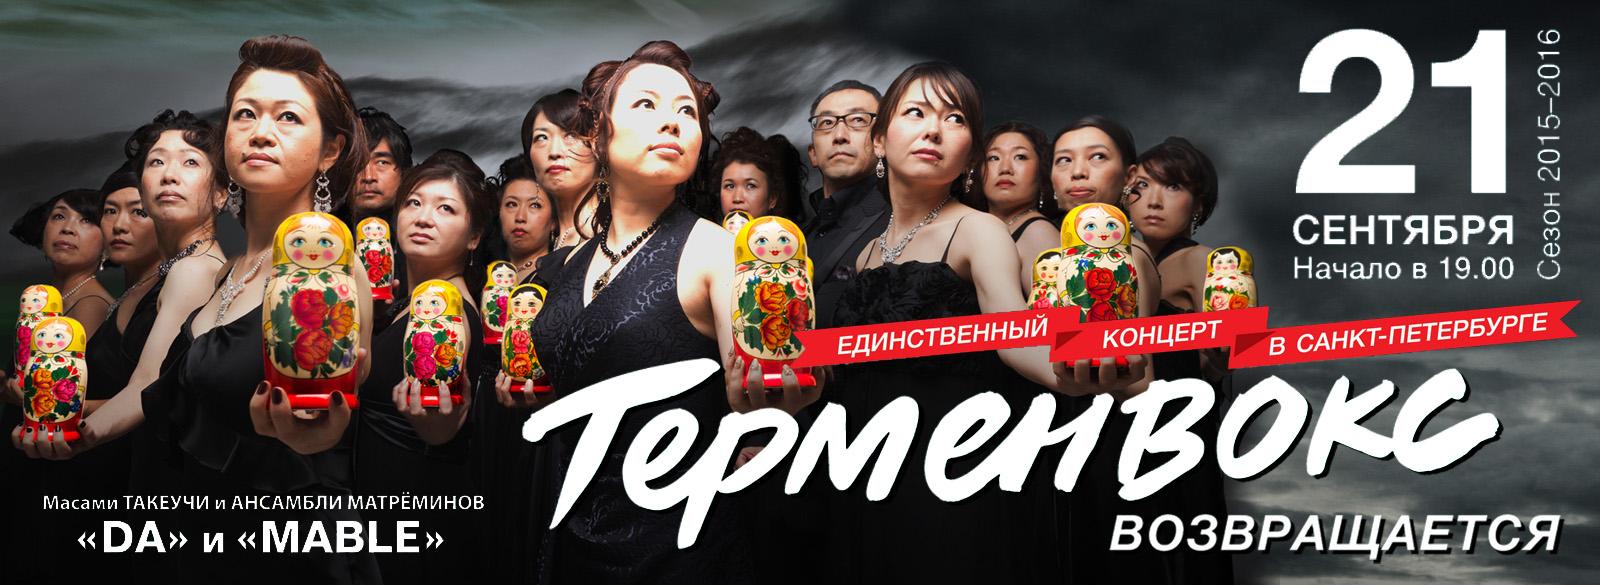 TermenVox